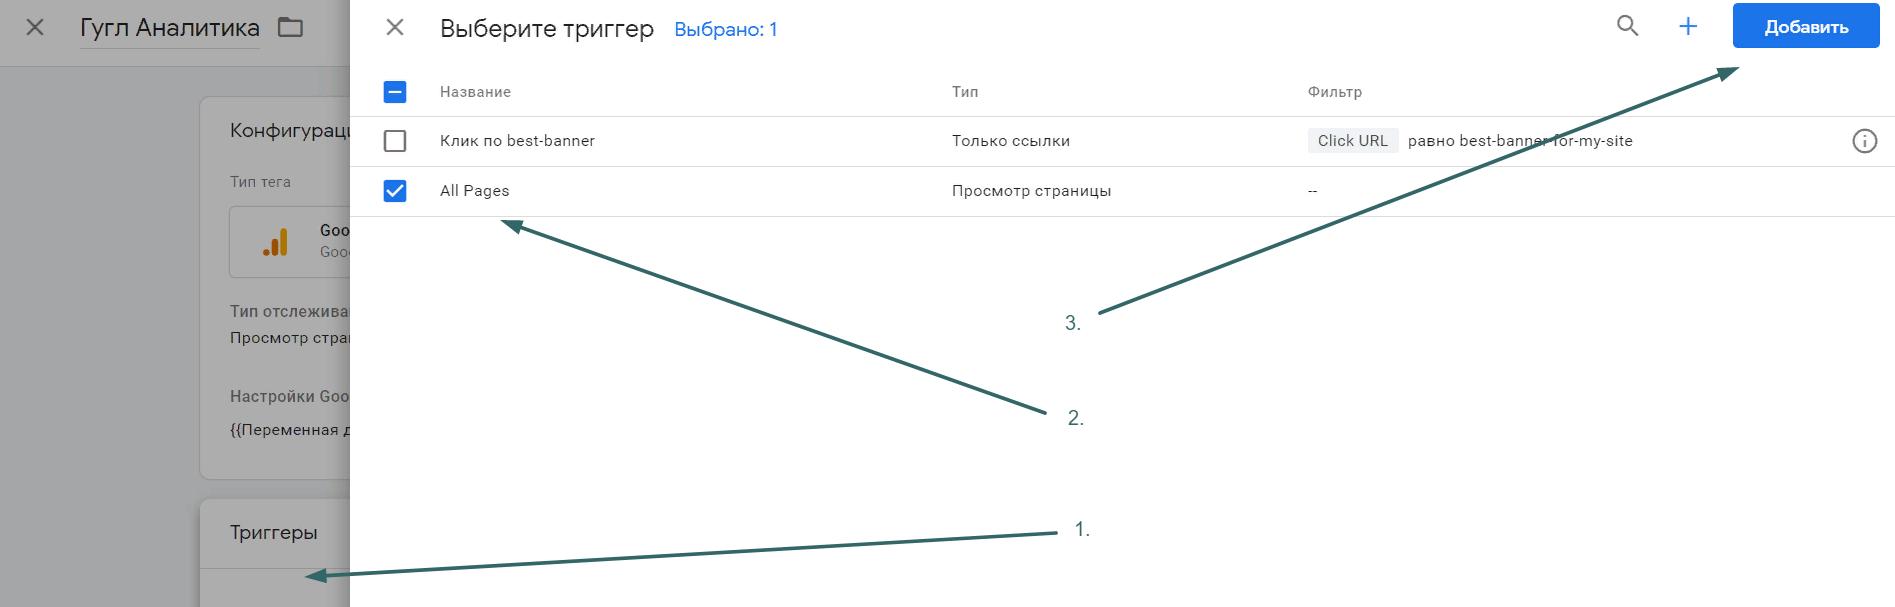 ВЫбор триггеров при настройке Гугл Аналитики